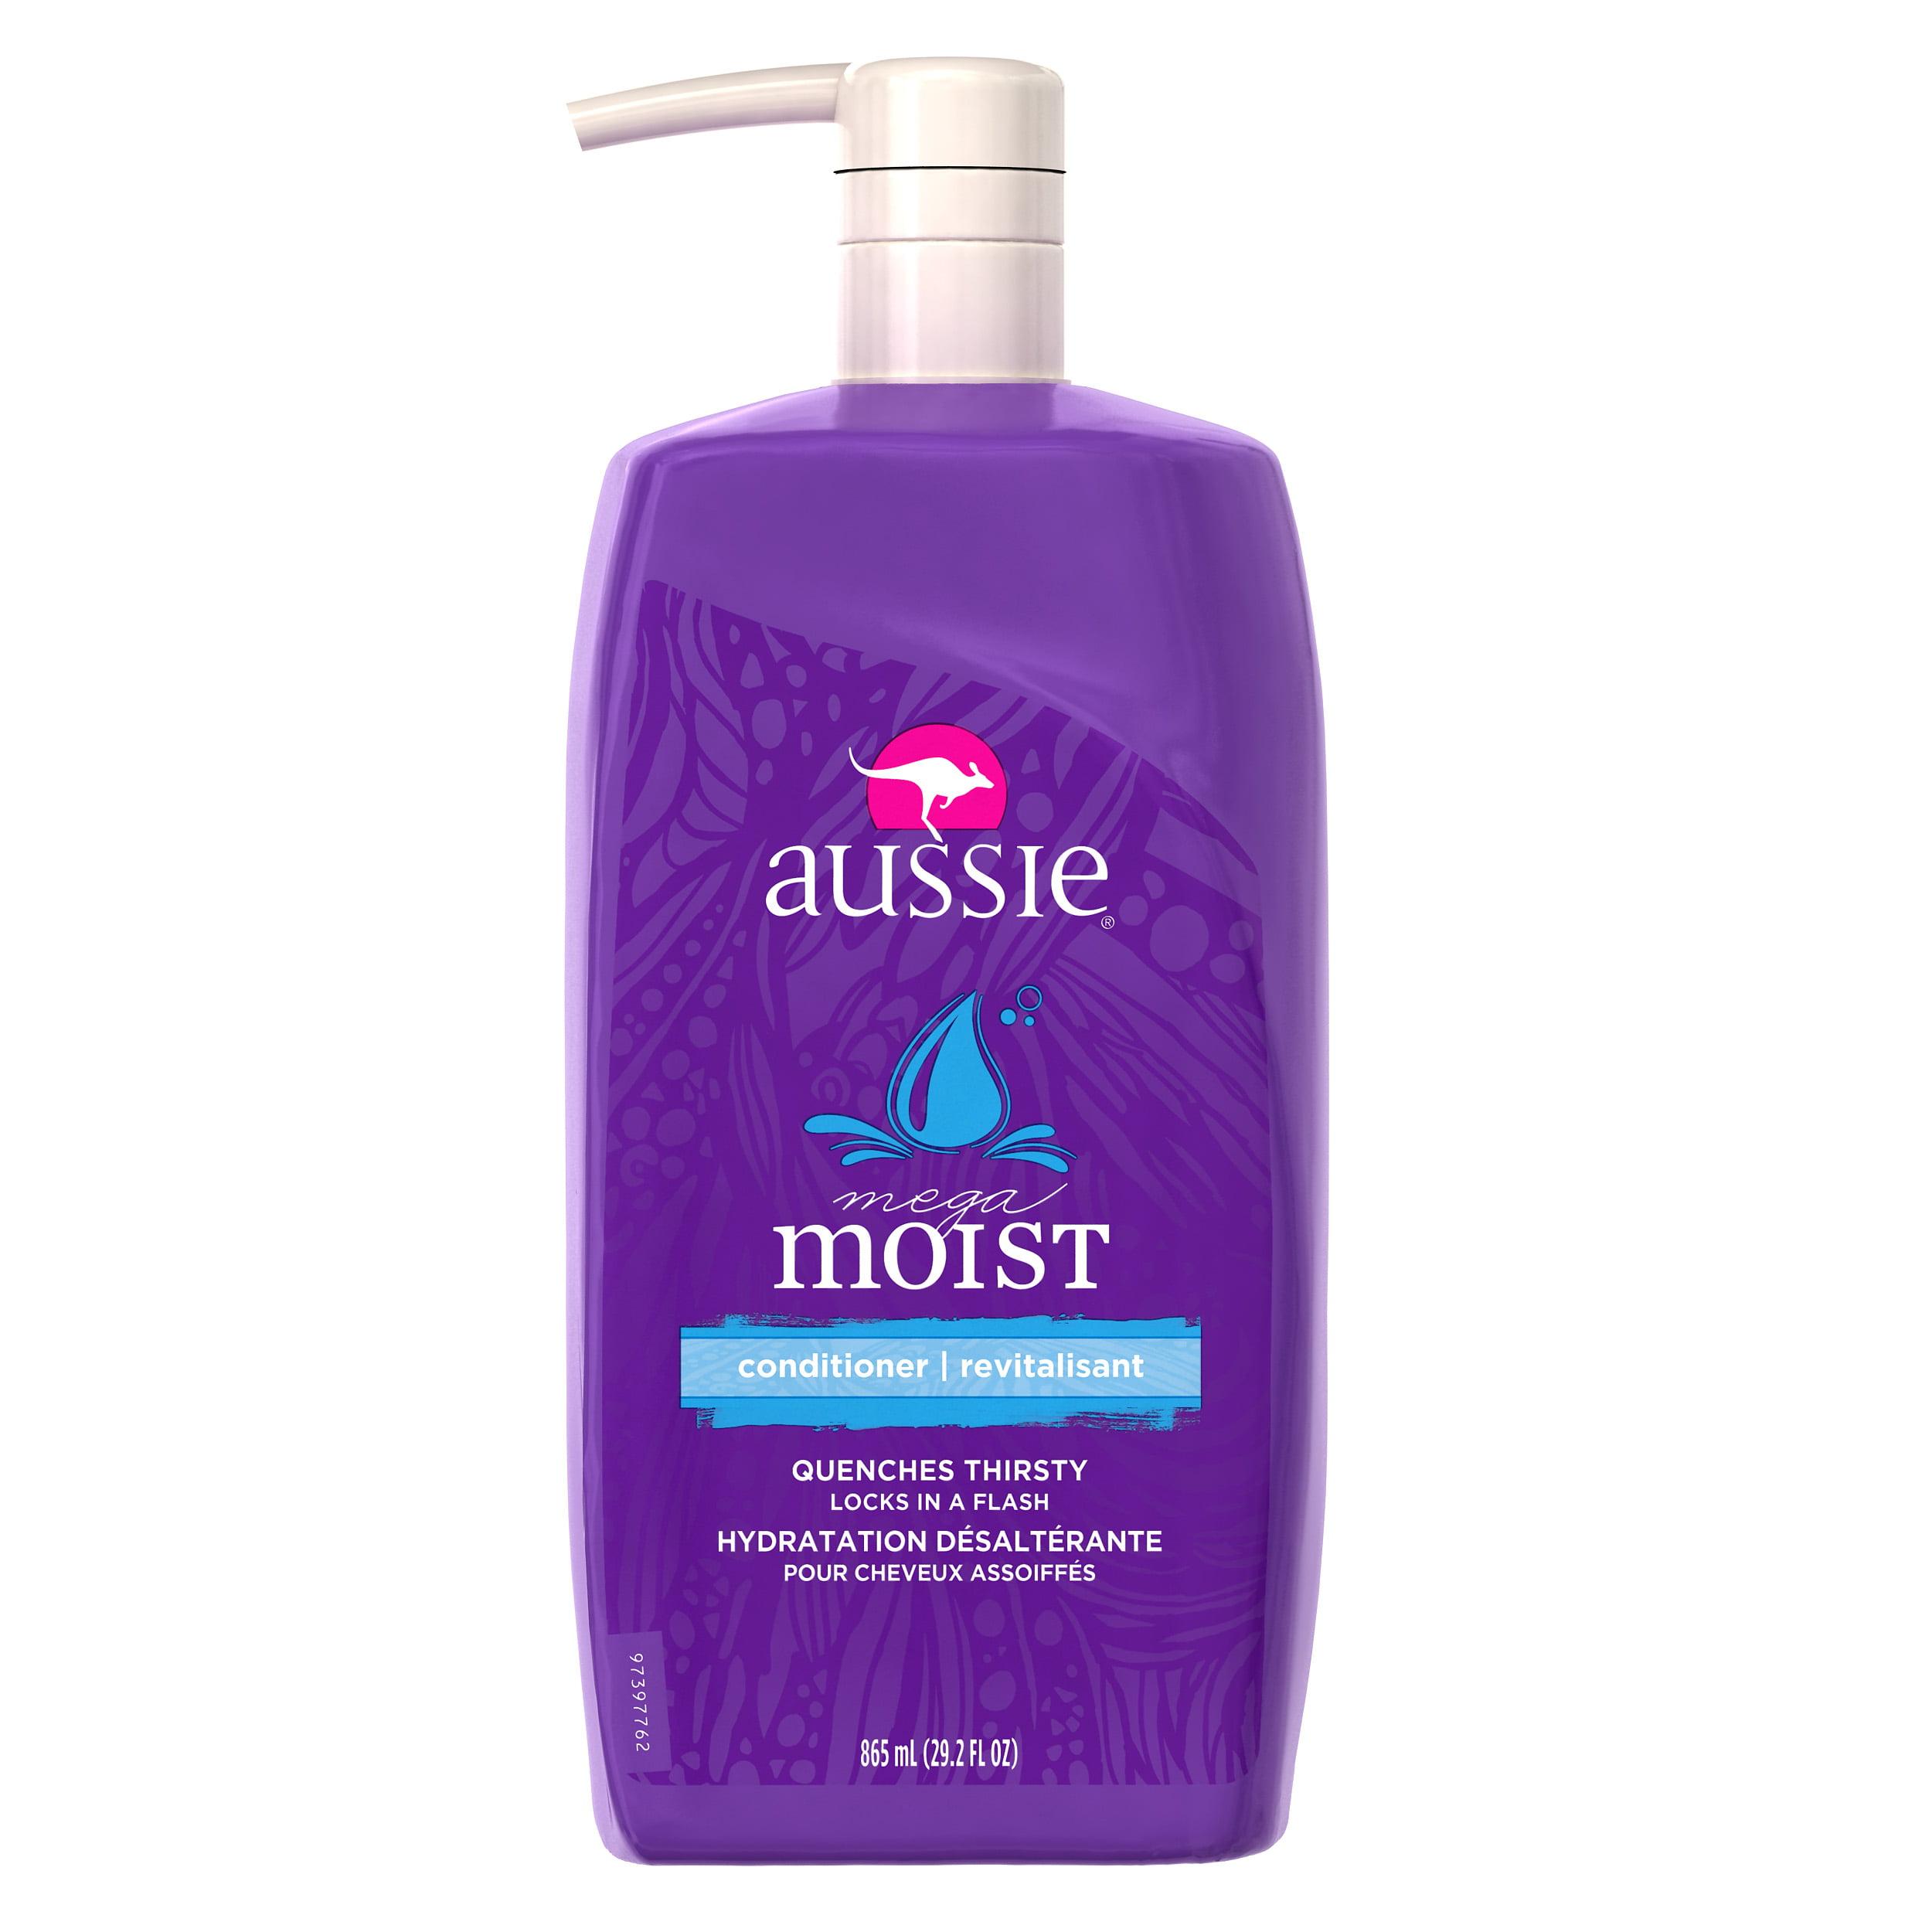 Aussie Mega Moist Conditioner 29.2 fl oz with Pump